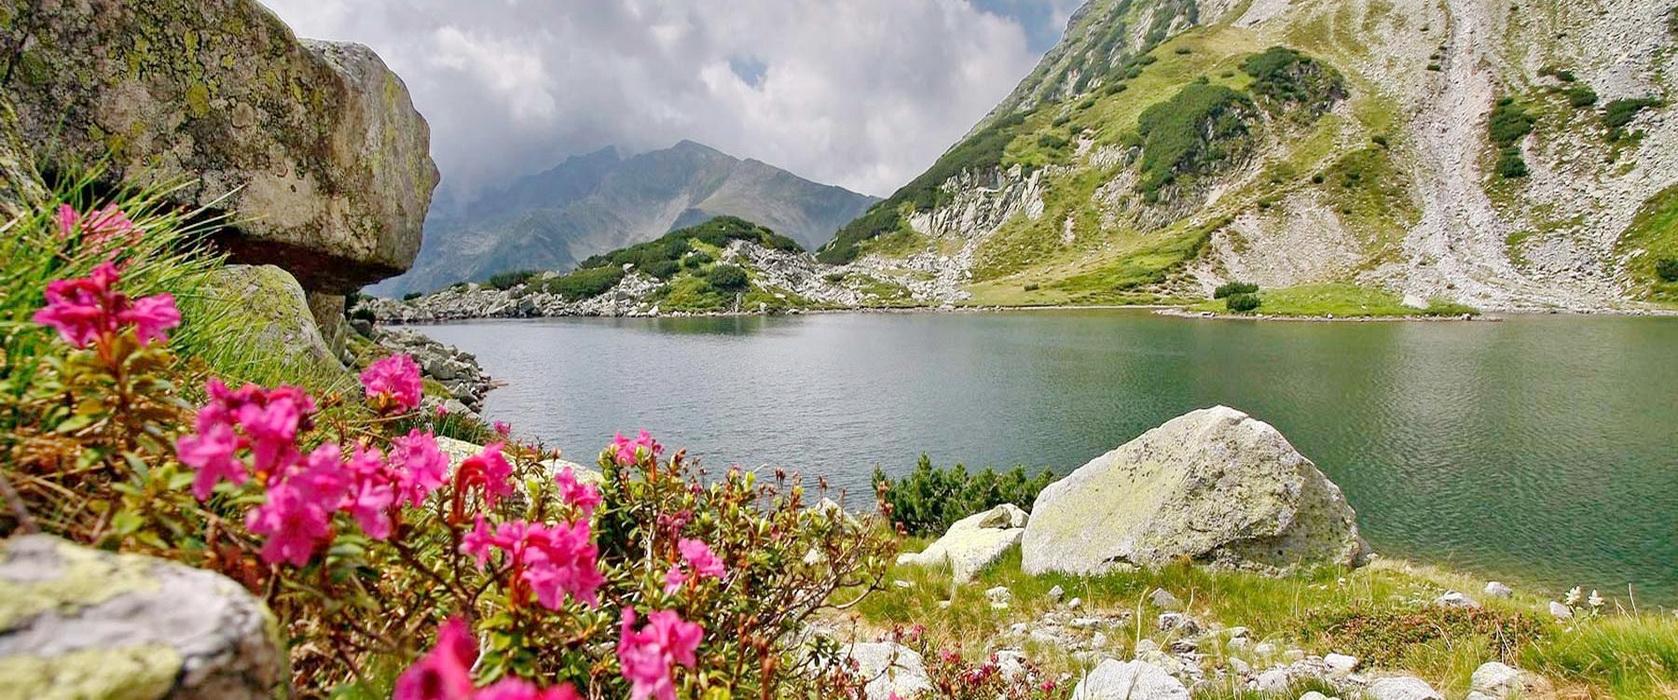 Transilvania | Muntii Retezat - Lacul Bucura